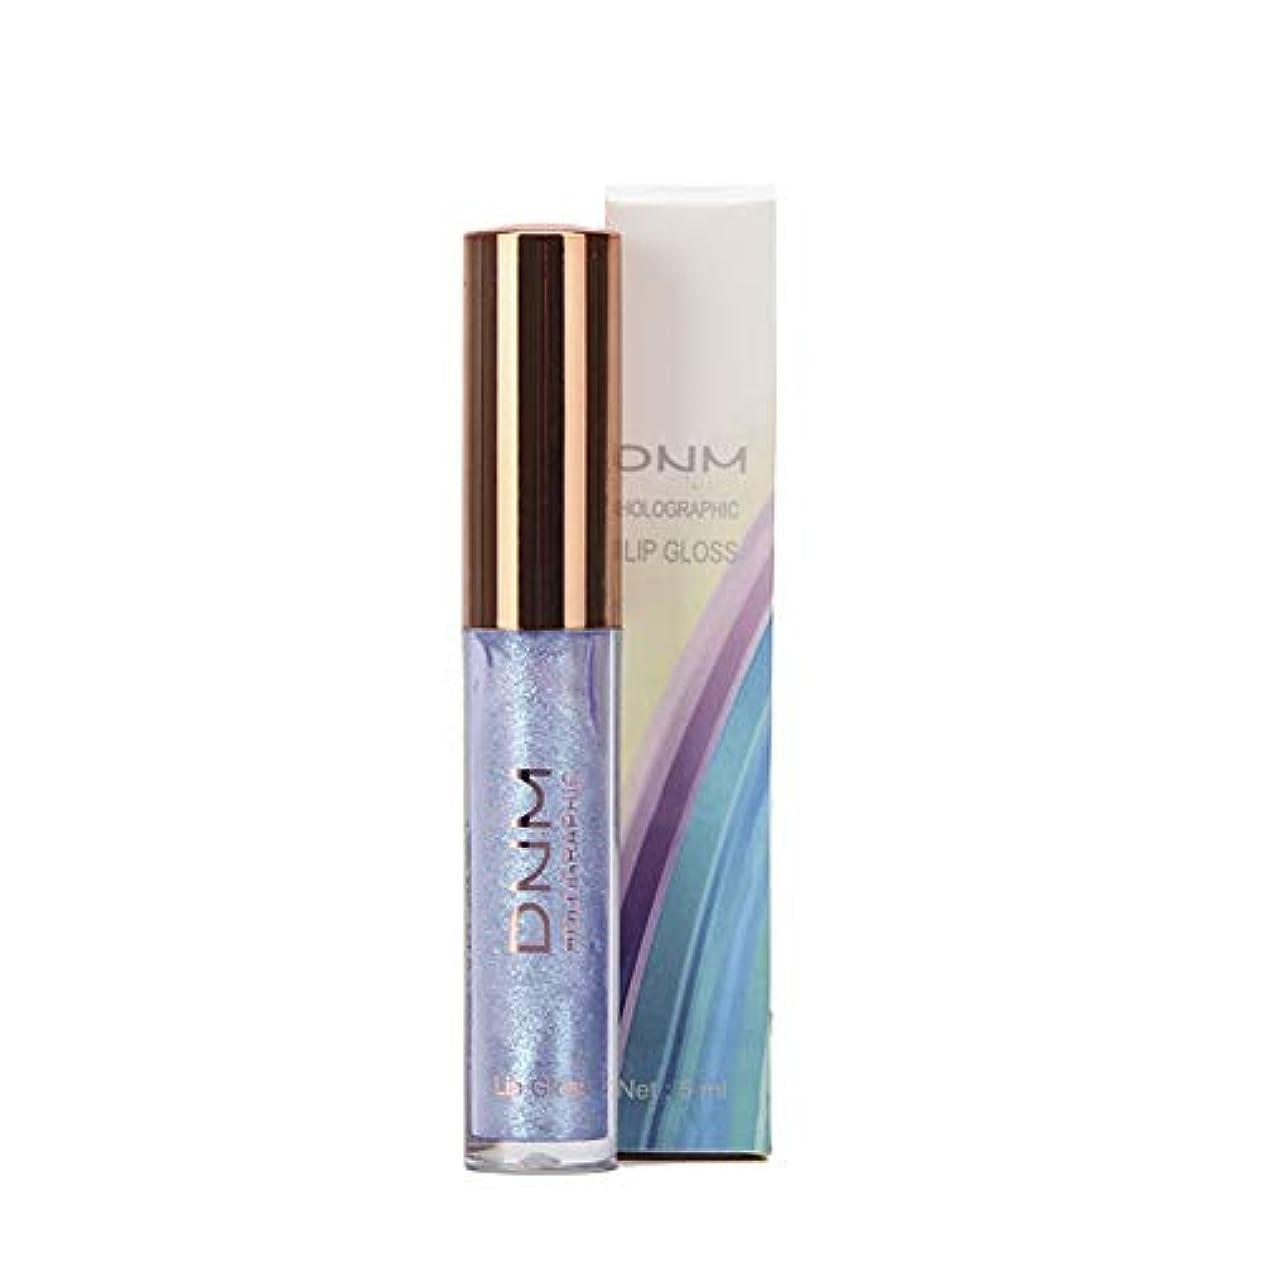 MeterMall 偏光リップグロス釉薬カメレオンブライトフラッシュ真珠光沢のある保湿リップスティック 3#